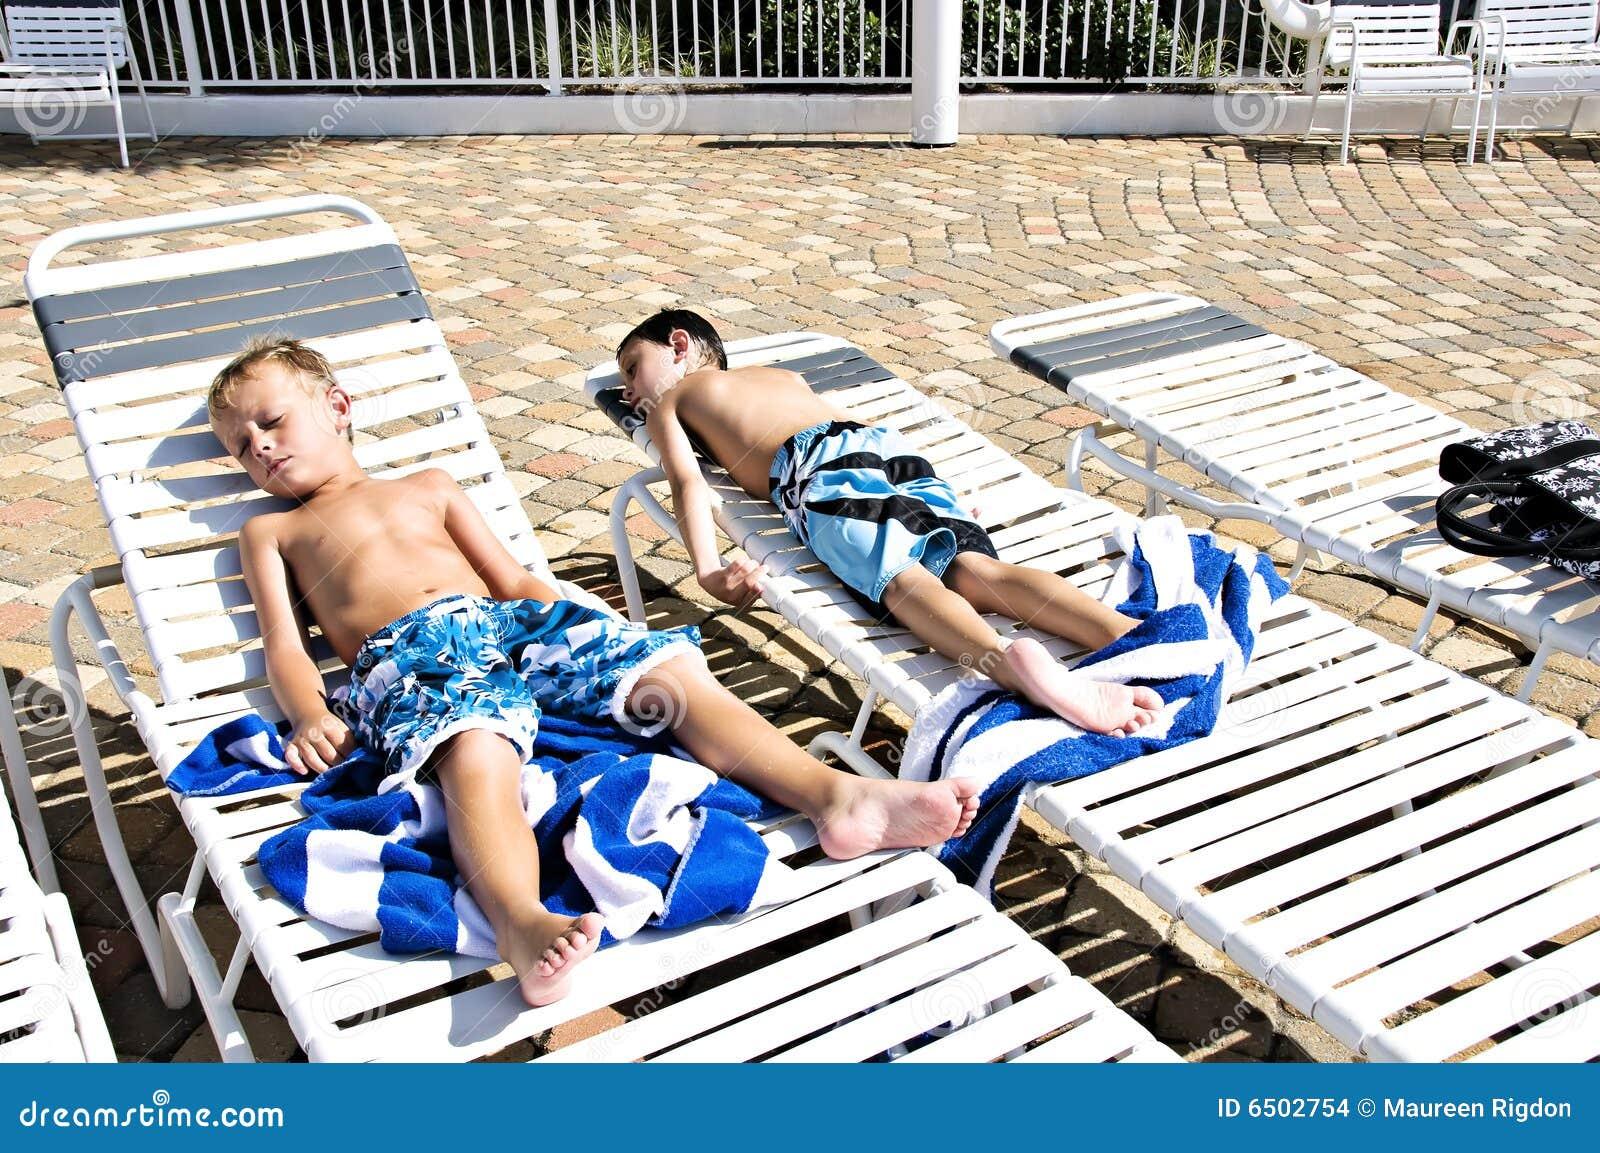 Teen sunbath